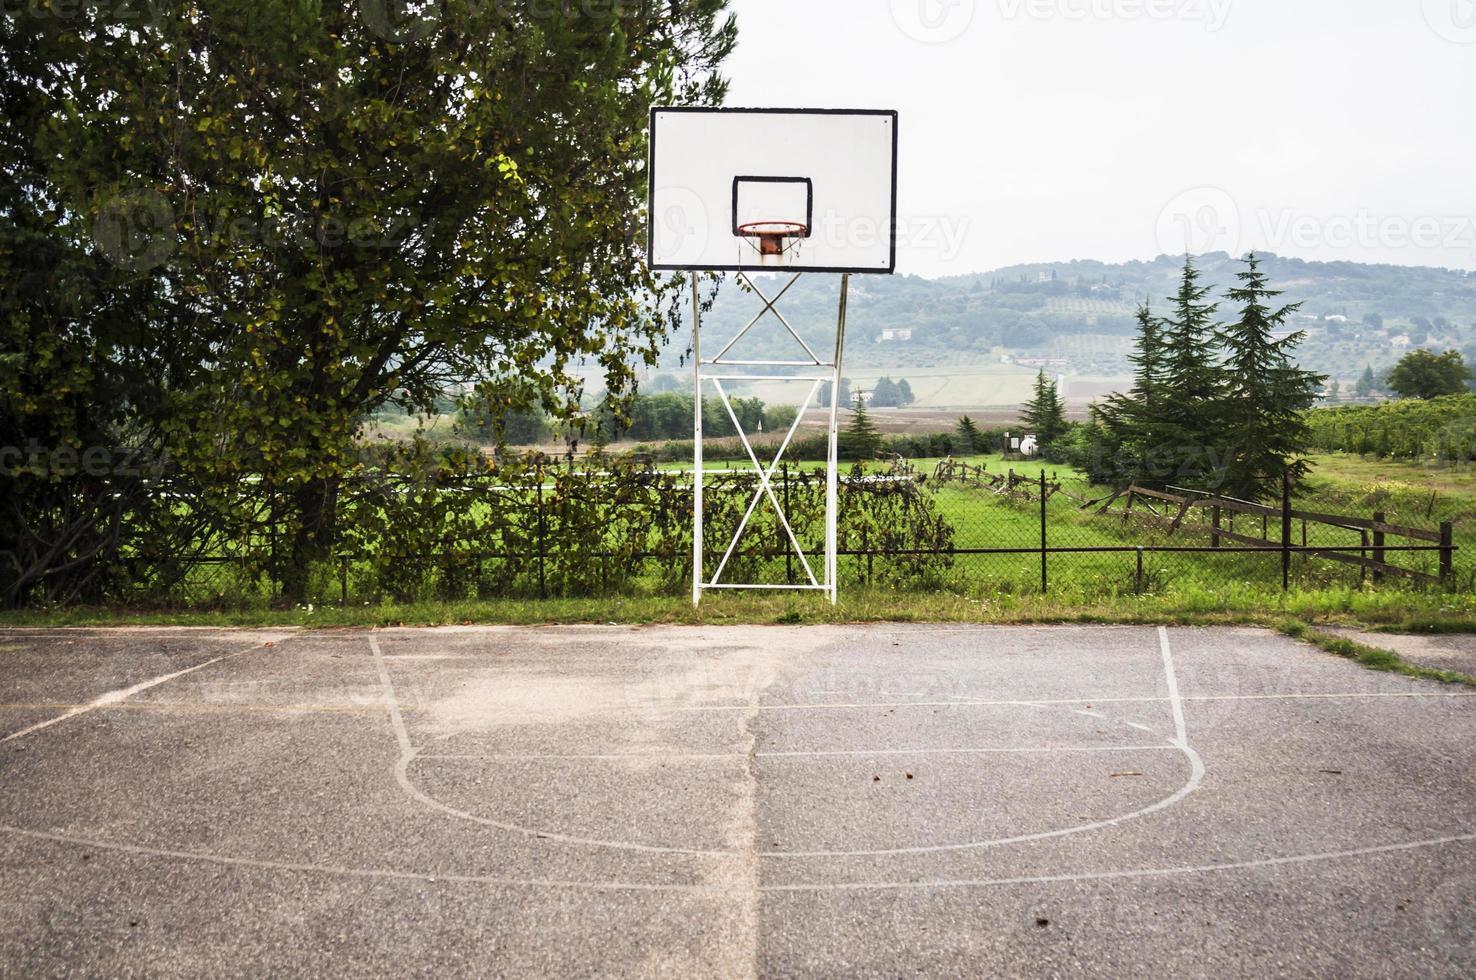 cancha de baloncesto foto